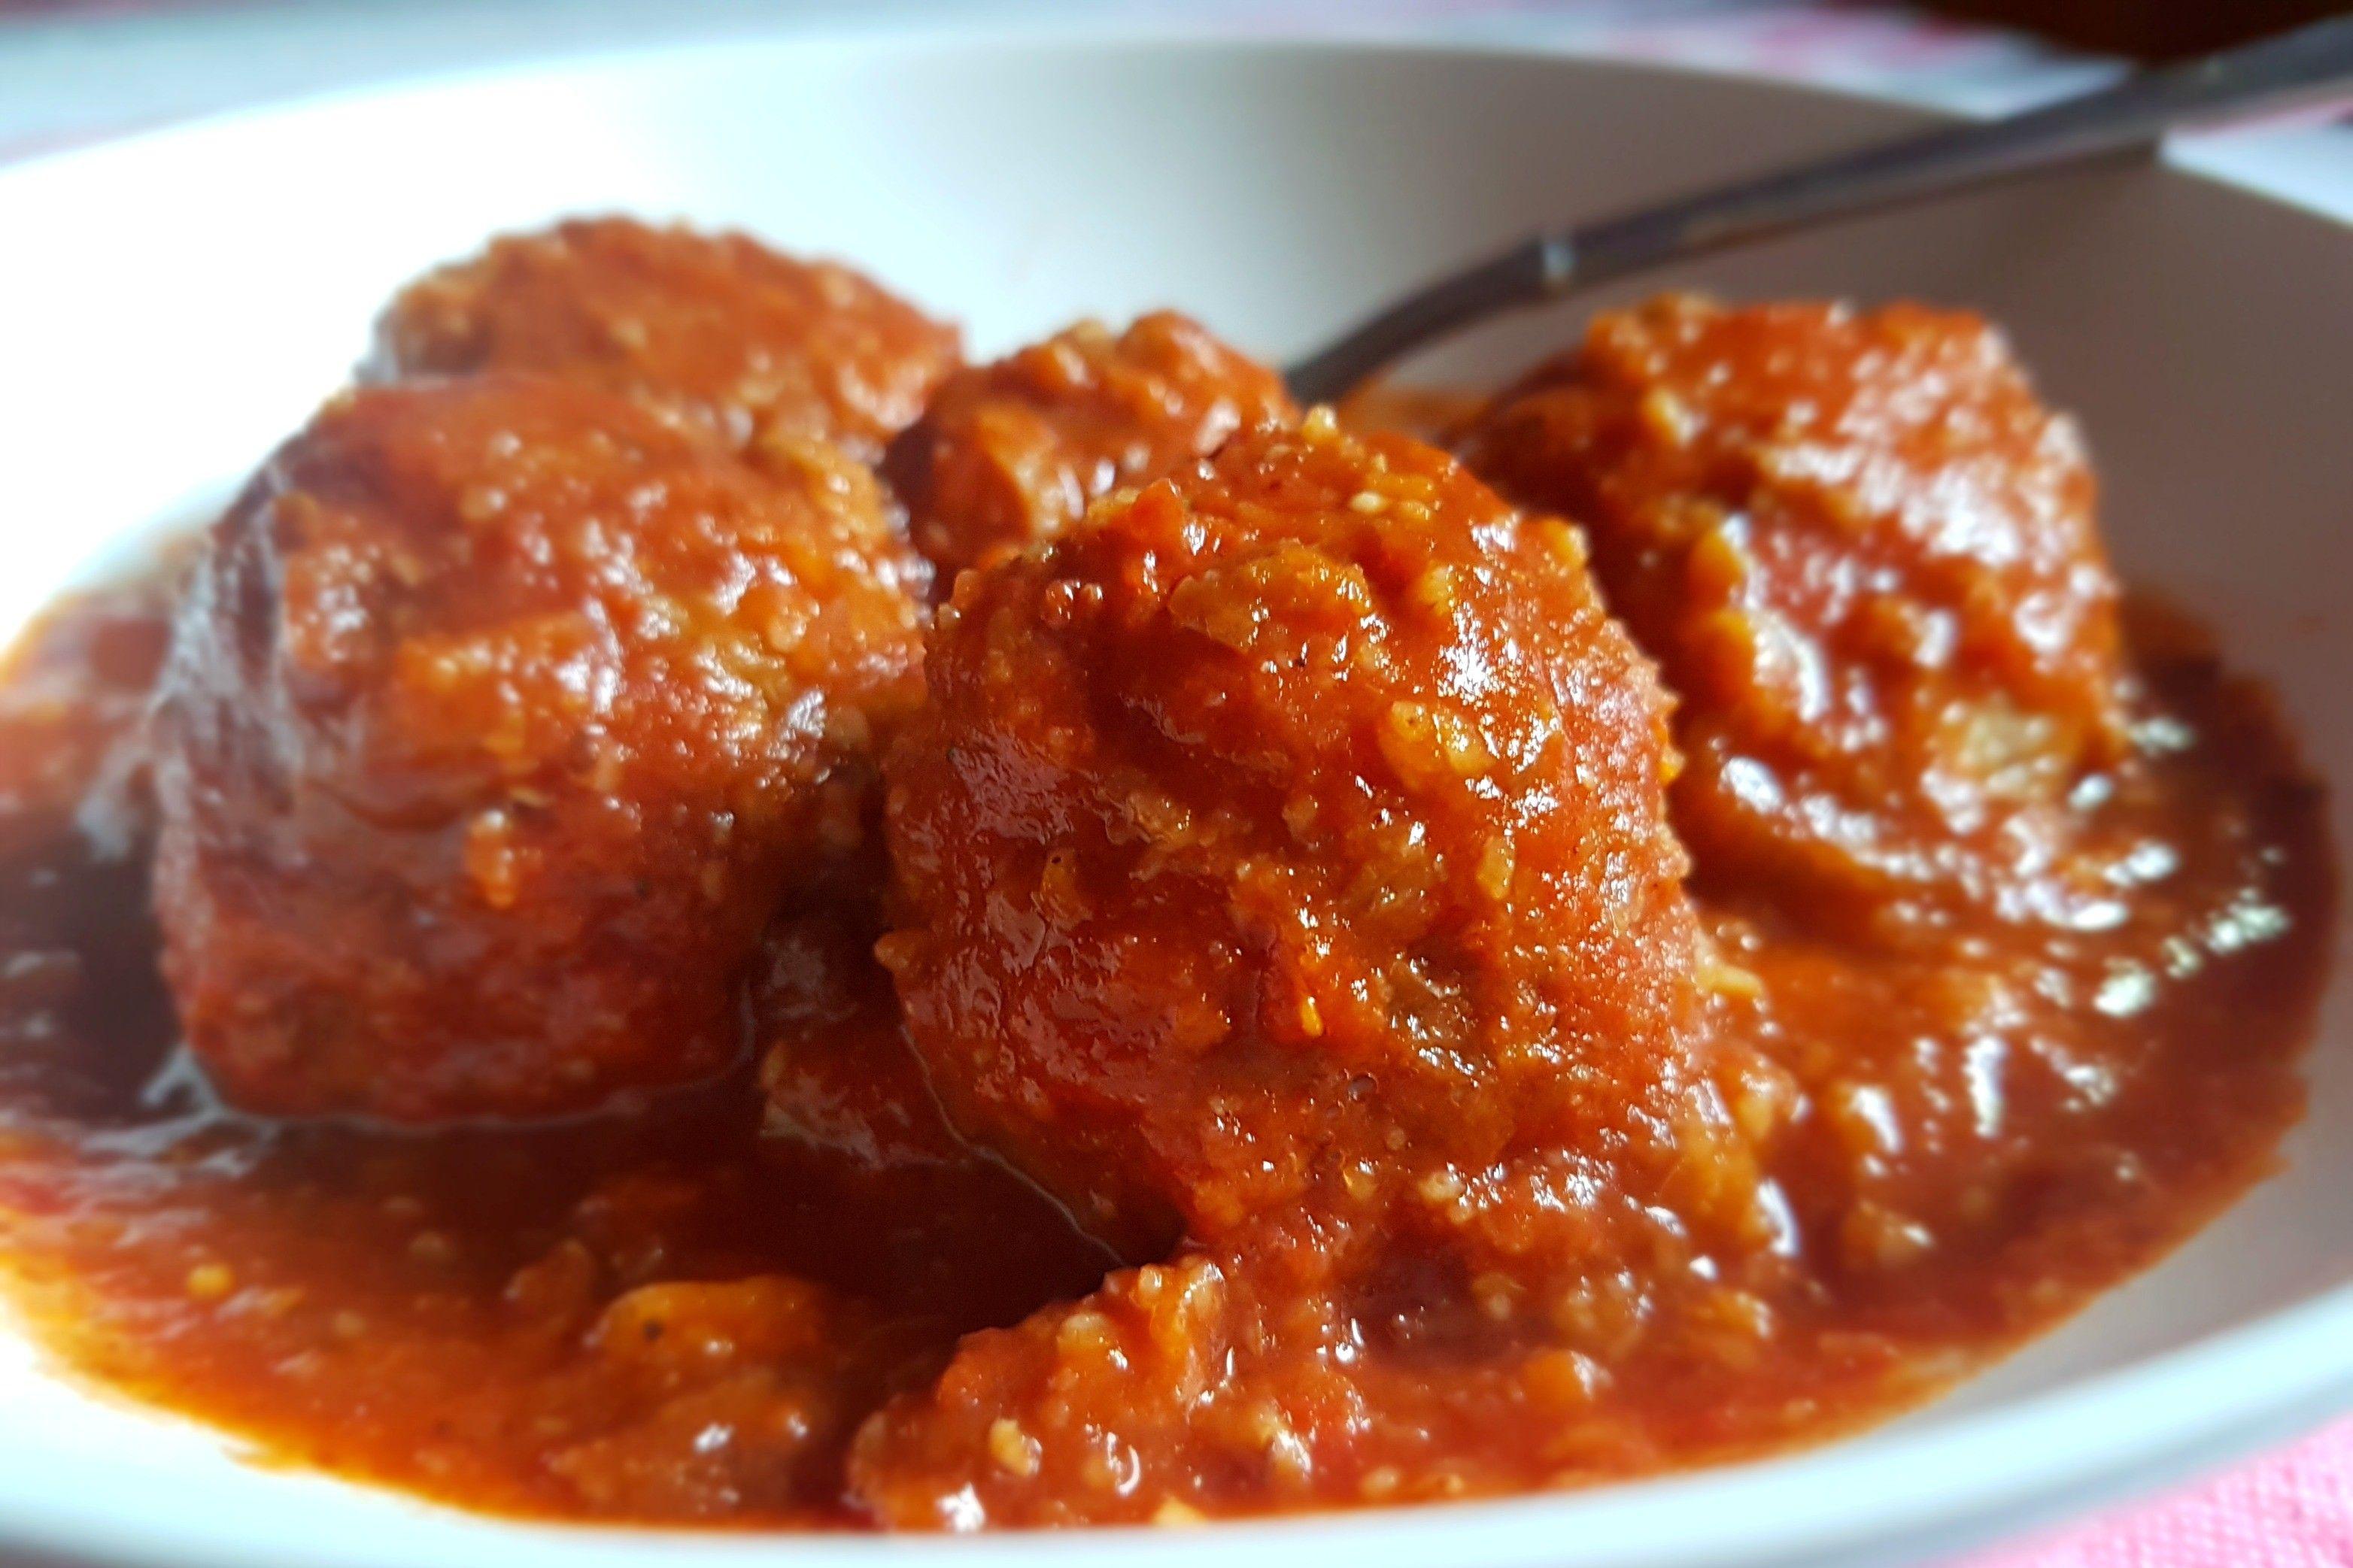 Le polpette di lenticchie con salsa al pomodoro sono un secondo piatto ideale per chi cerca